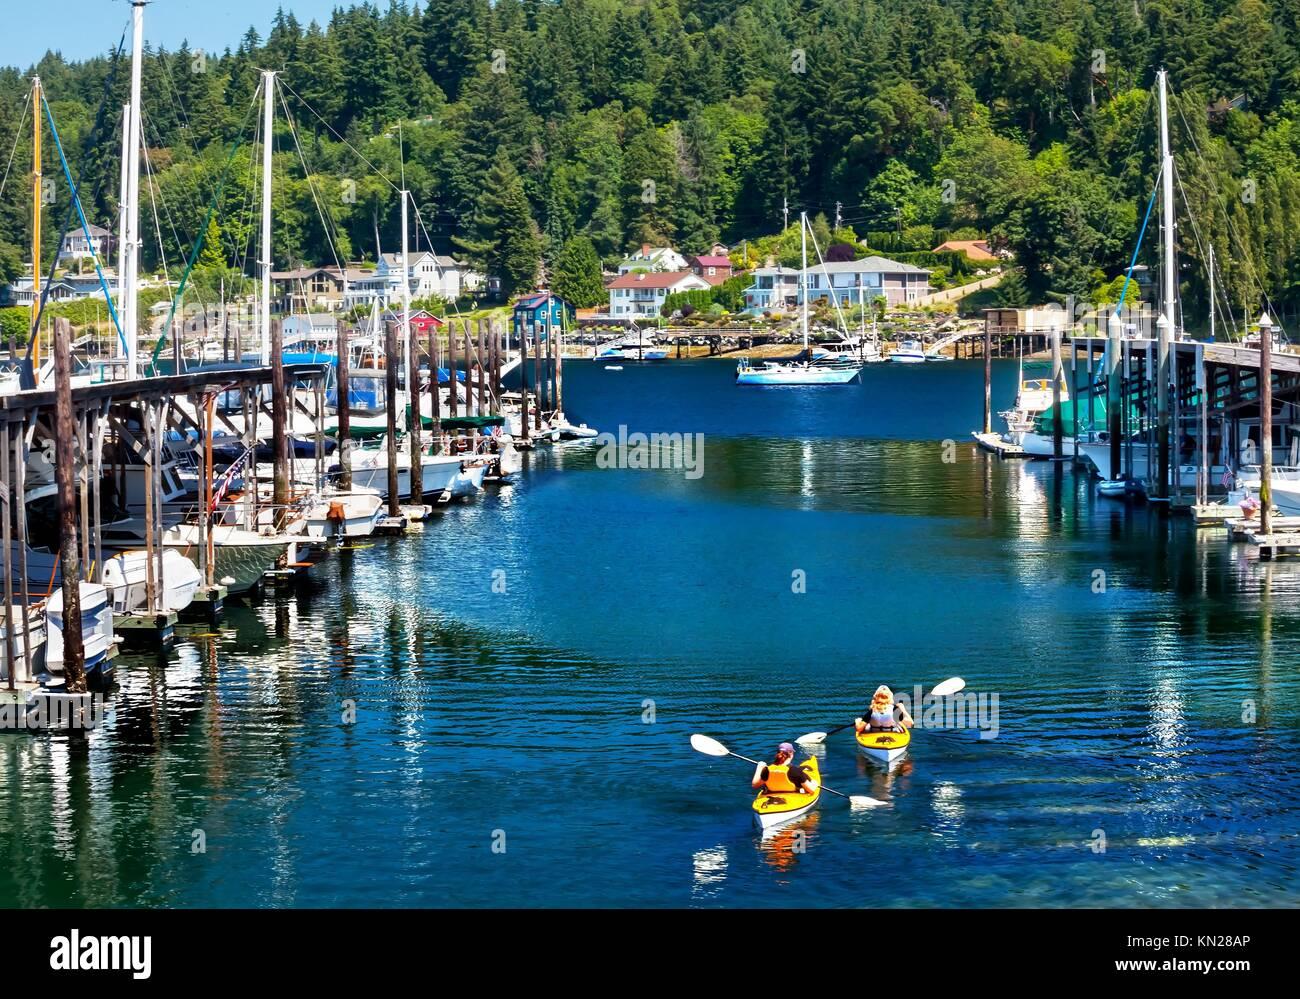 White Sailboats Marina Kayaks Reflection, Gig Harbor, Pierce County, Washington State Pacific Northwest - Stock Image